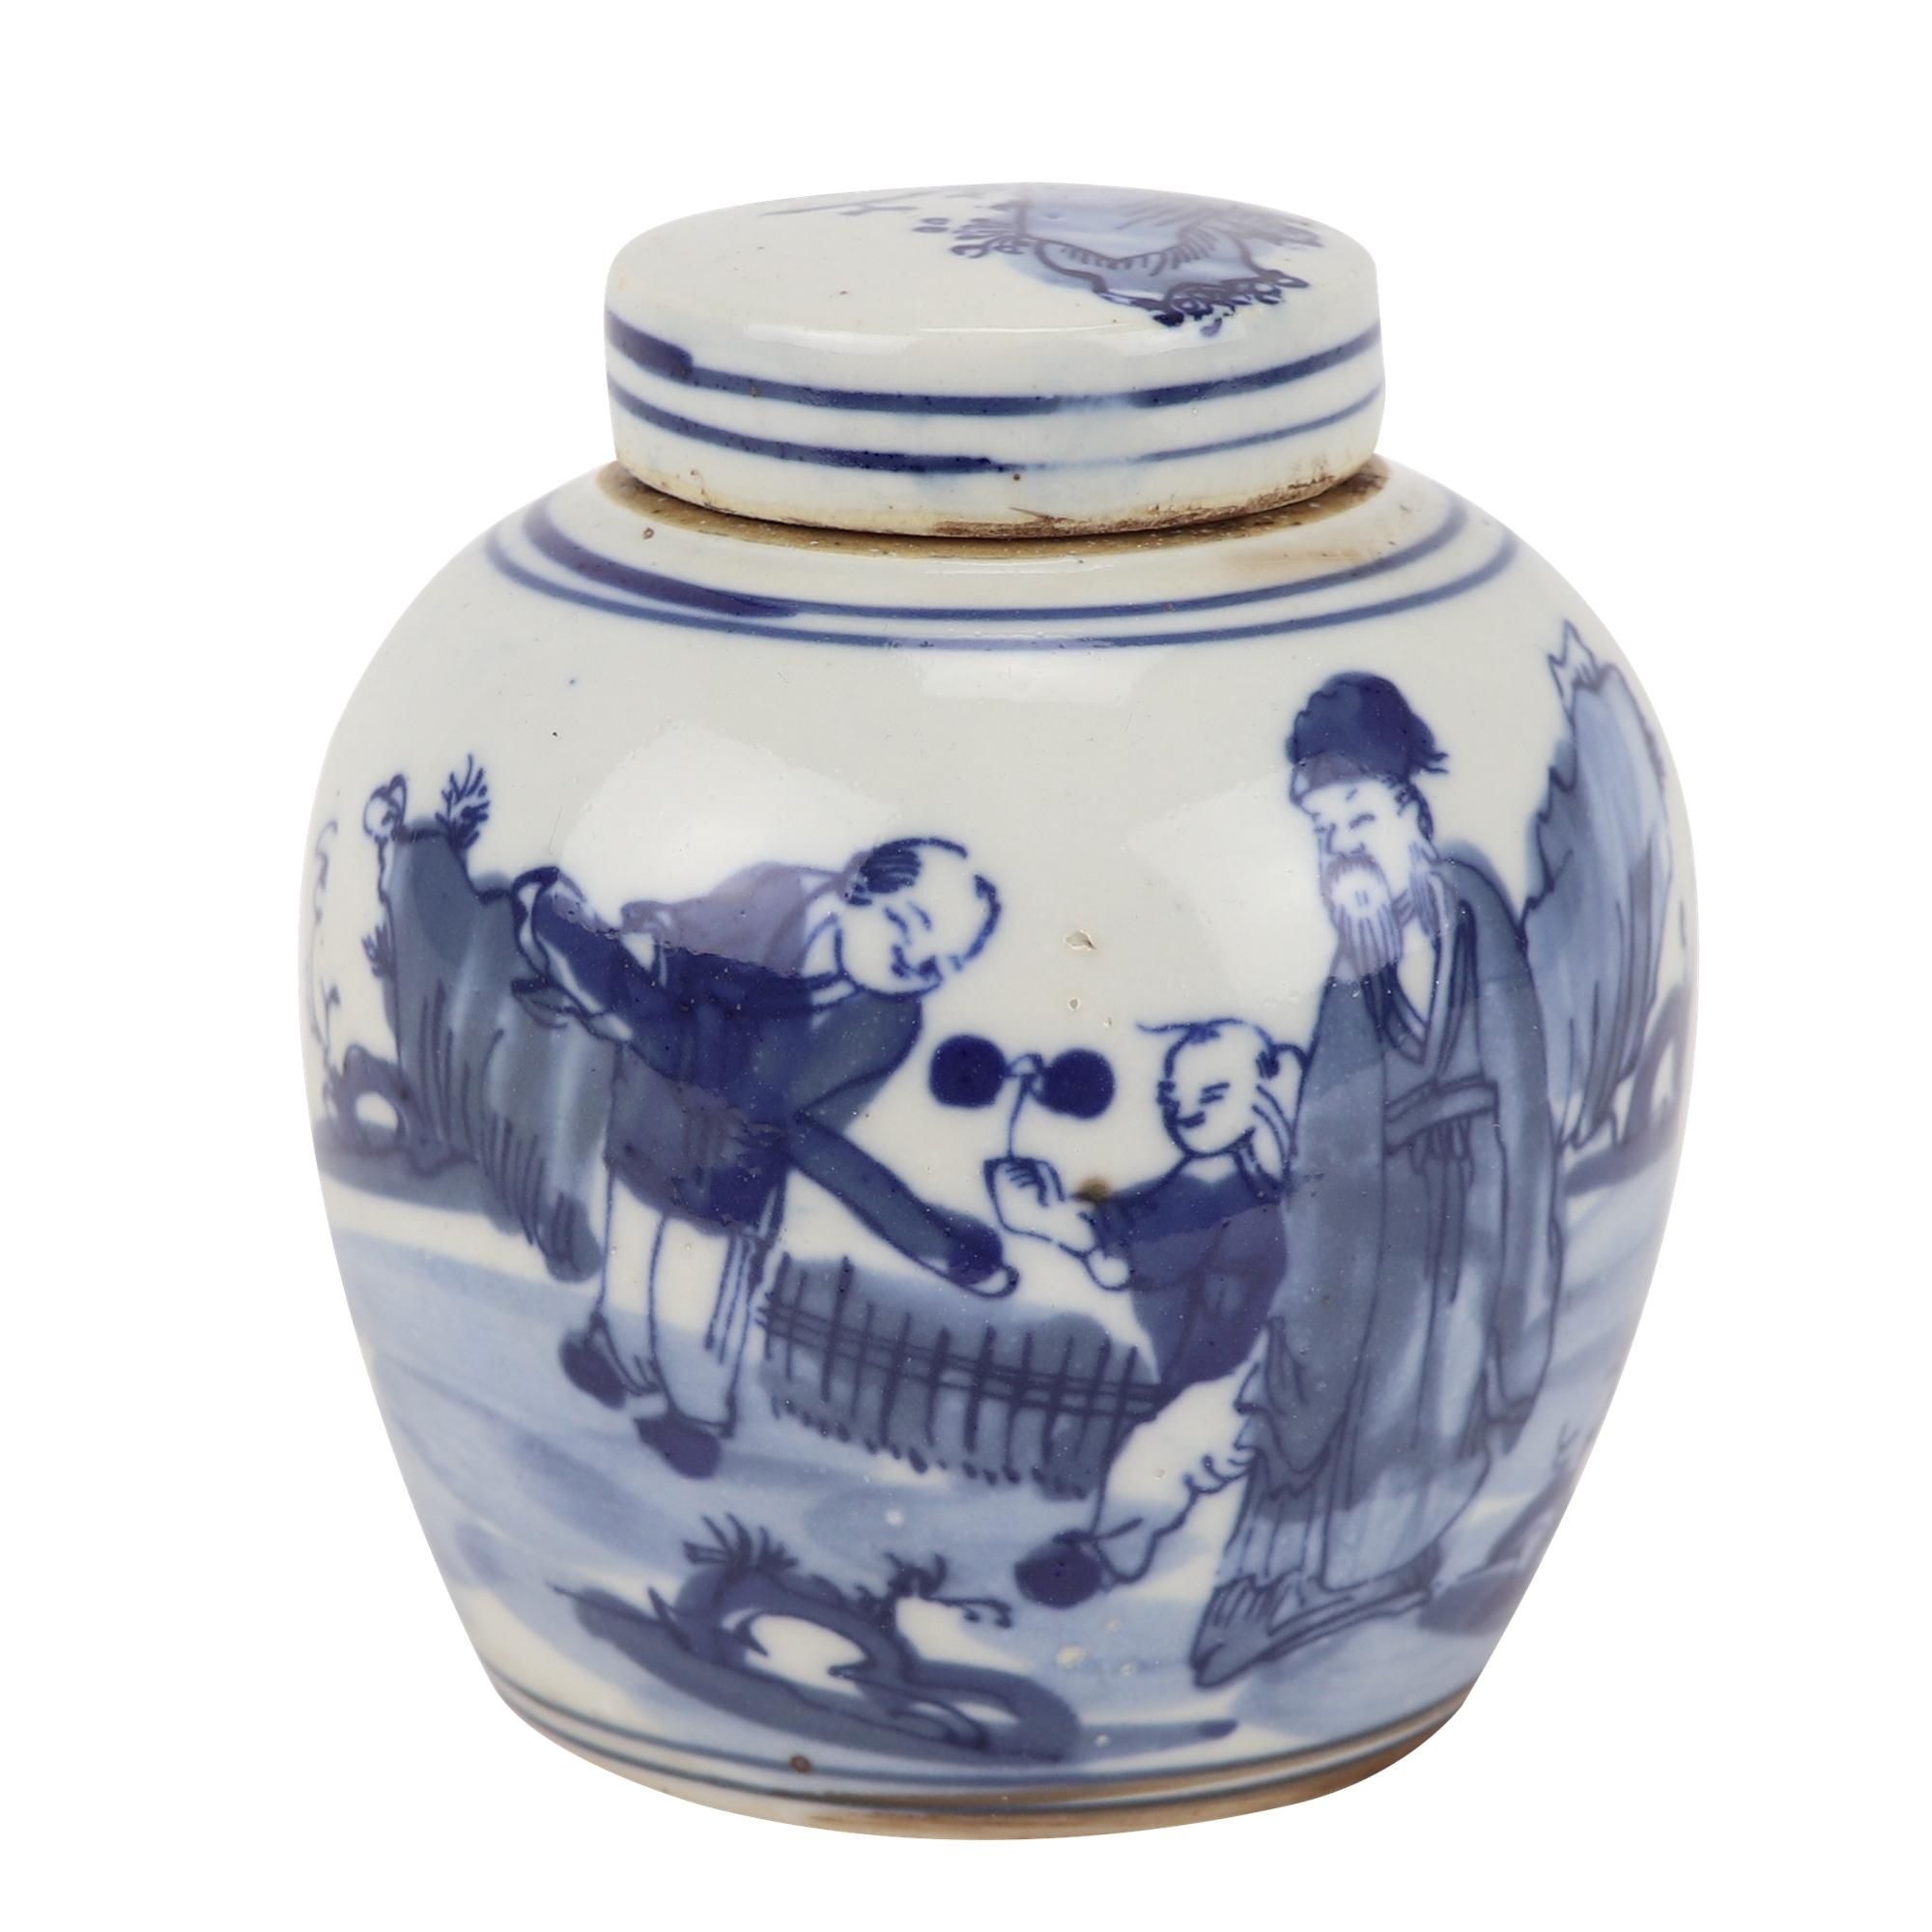 青花瓷老人与小孩设计的陶罐